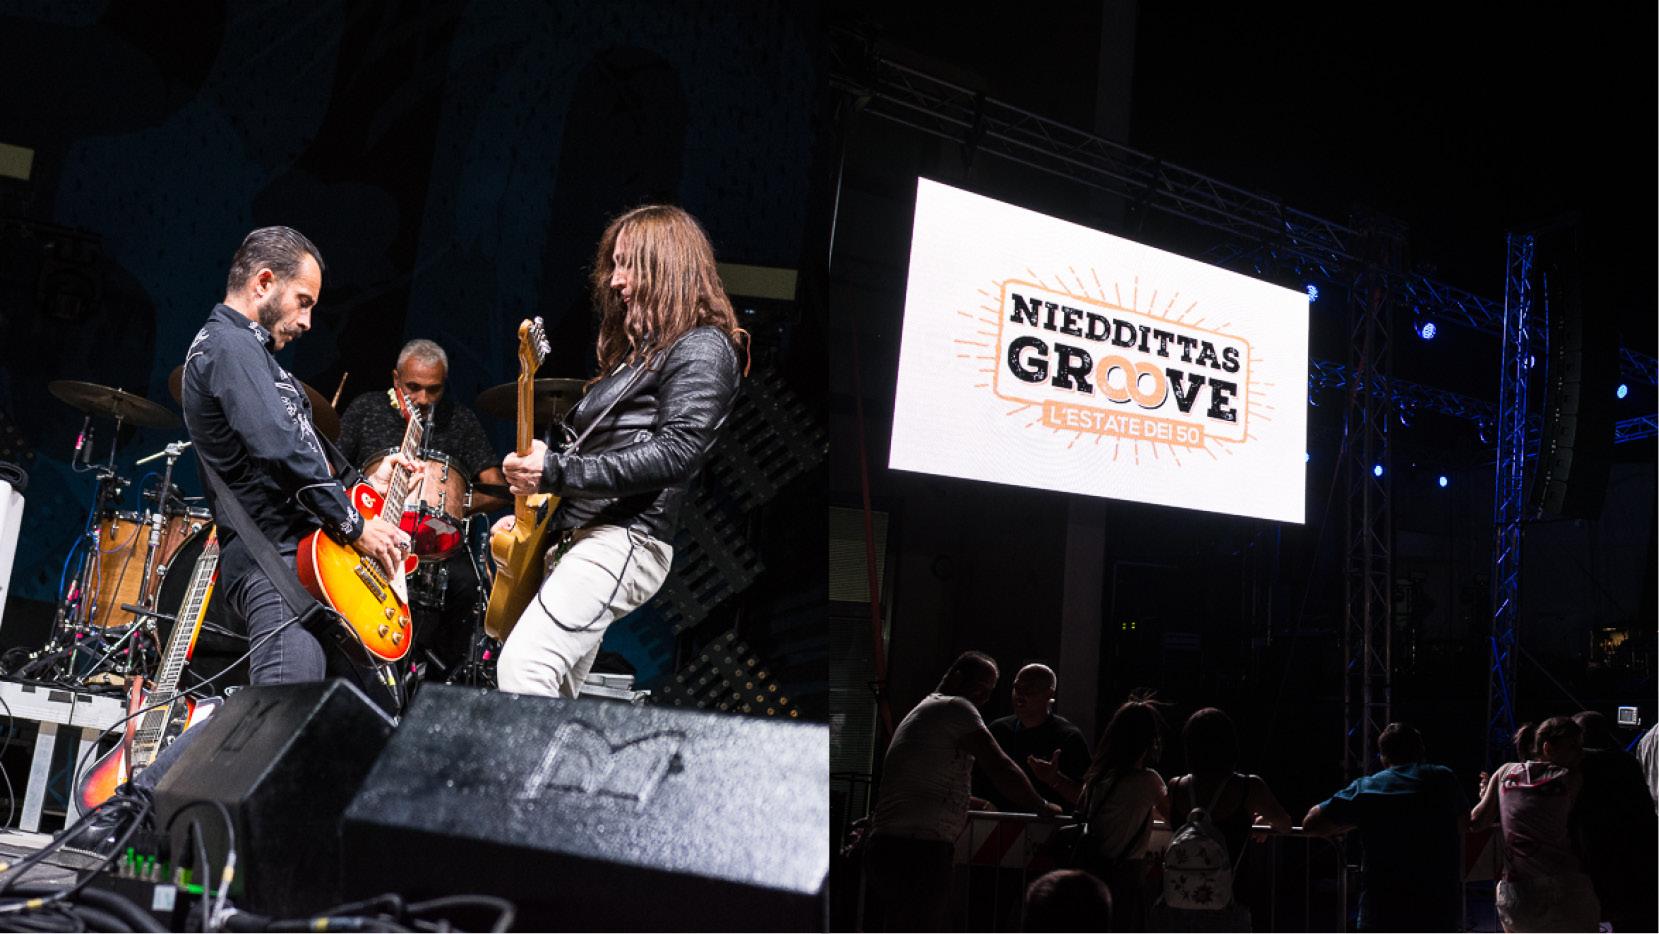 Nieddittas Groove 26 agosto